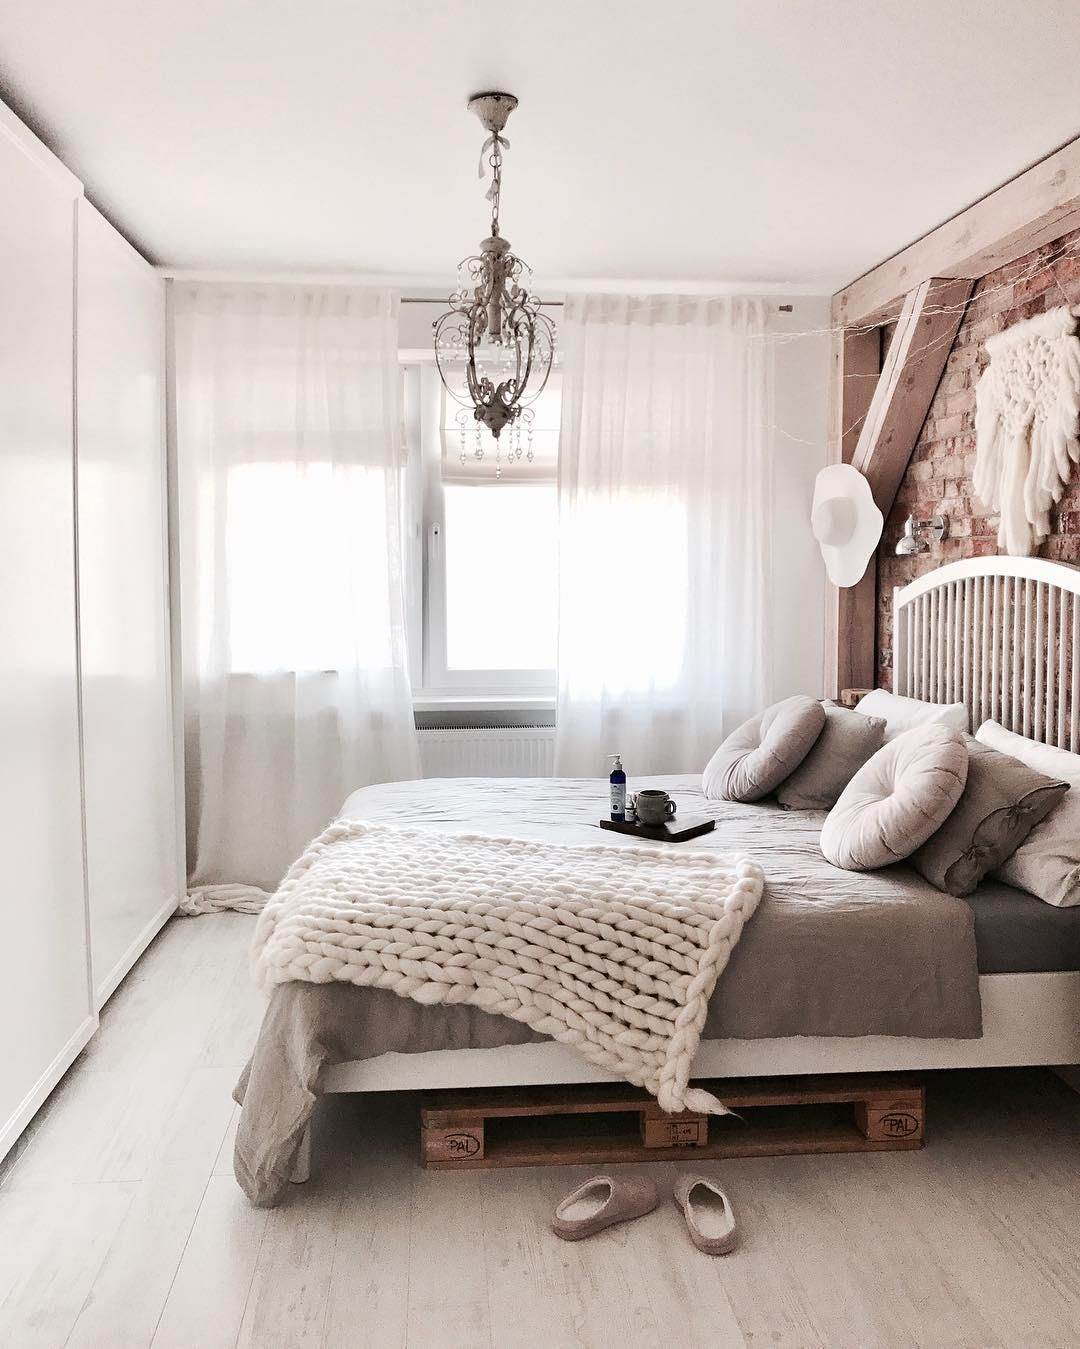 Cozy Dreams In Diesem Schlafzimmer Traum Wurden Wir Am Liebsten